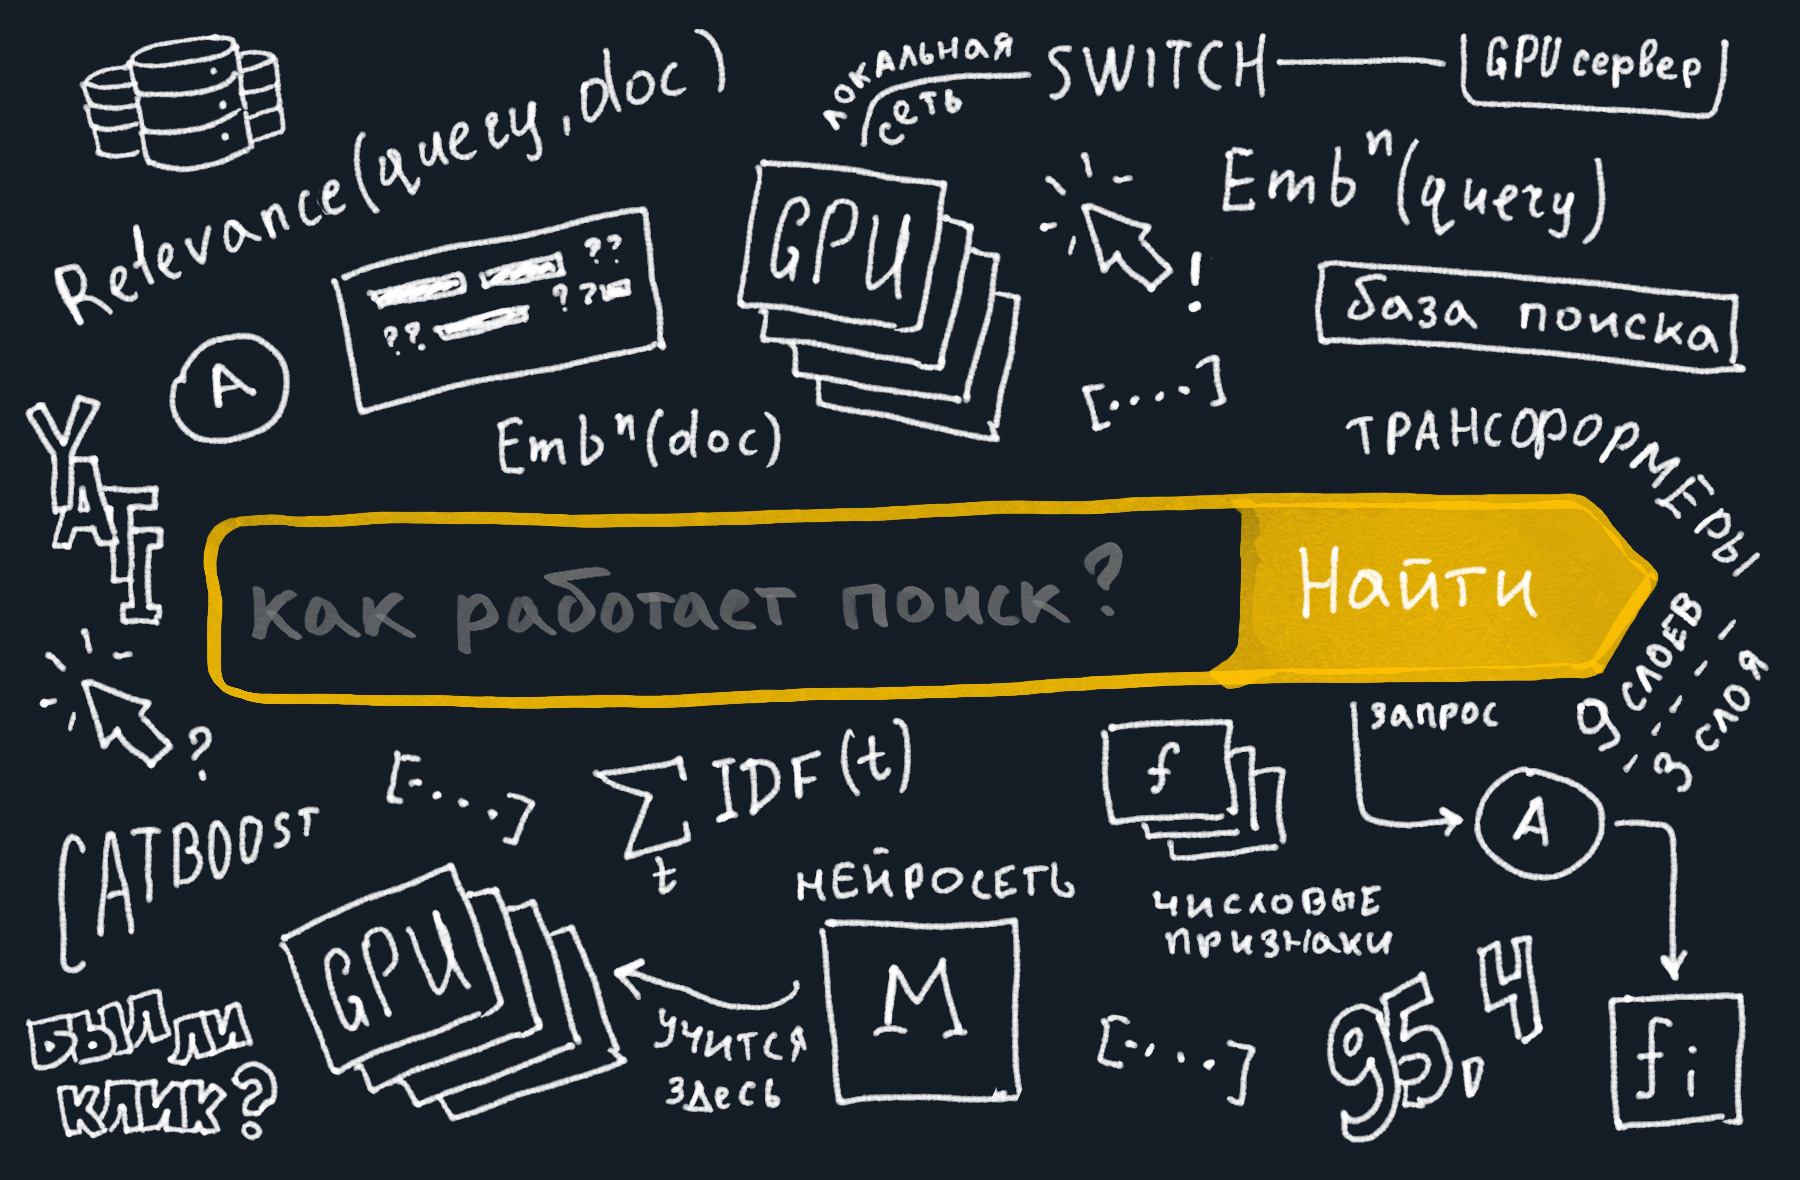 Трансформеры в Поиске: как Яндекс применил тяжёлые нейросети для поиска по смыслу - 1